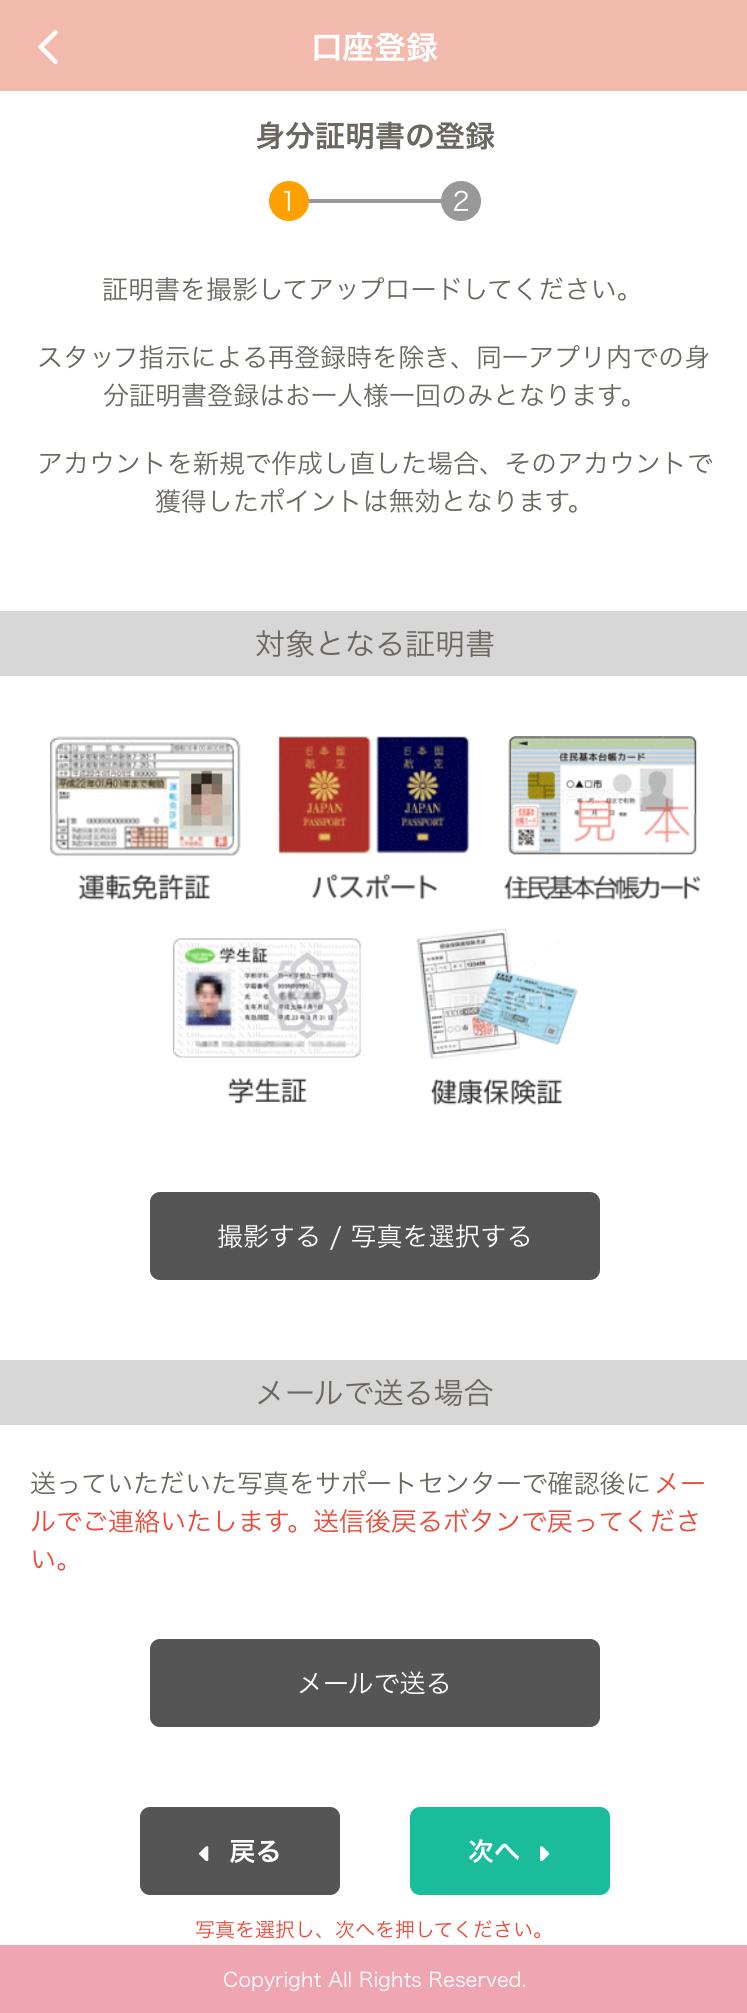 フラン(Franc) メルレ アプリ 身分証 保険証